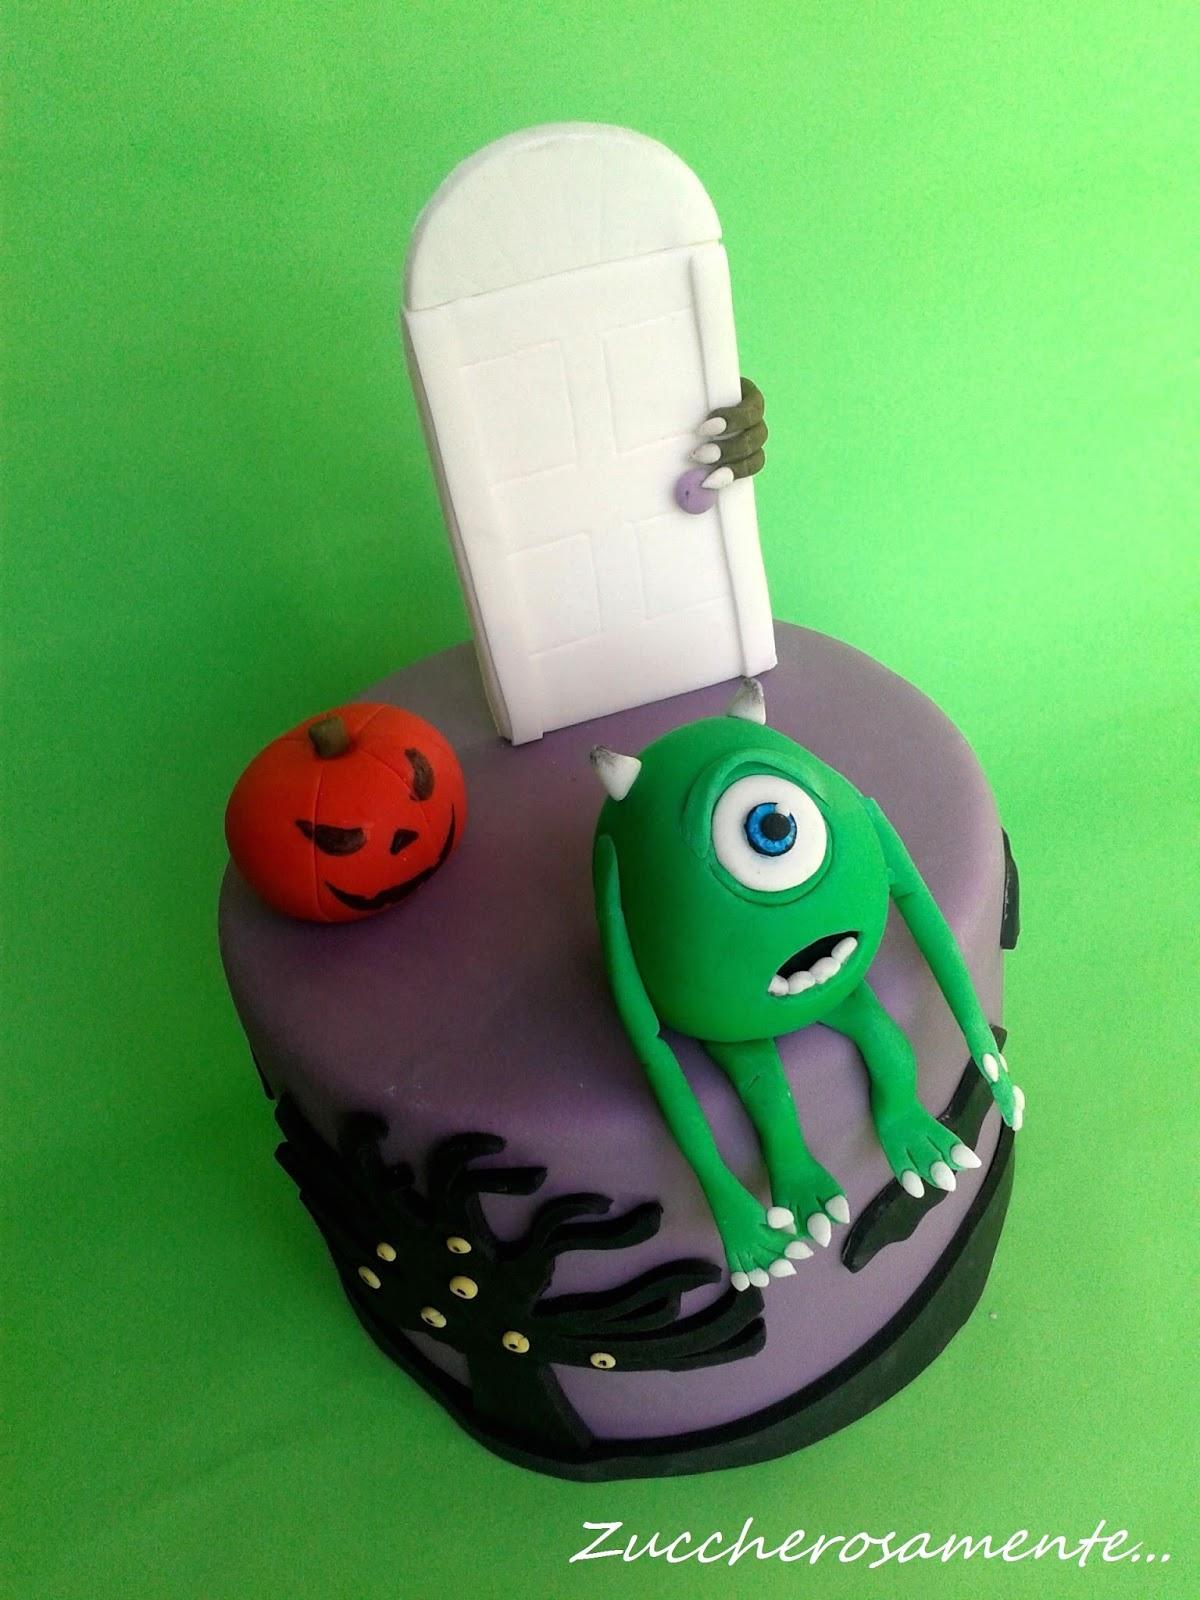 Corso Di Cake Design Varese : Zuccherosamente...: Corso di cake design: un Halloween ...